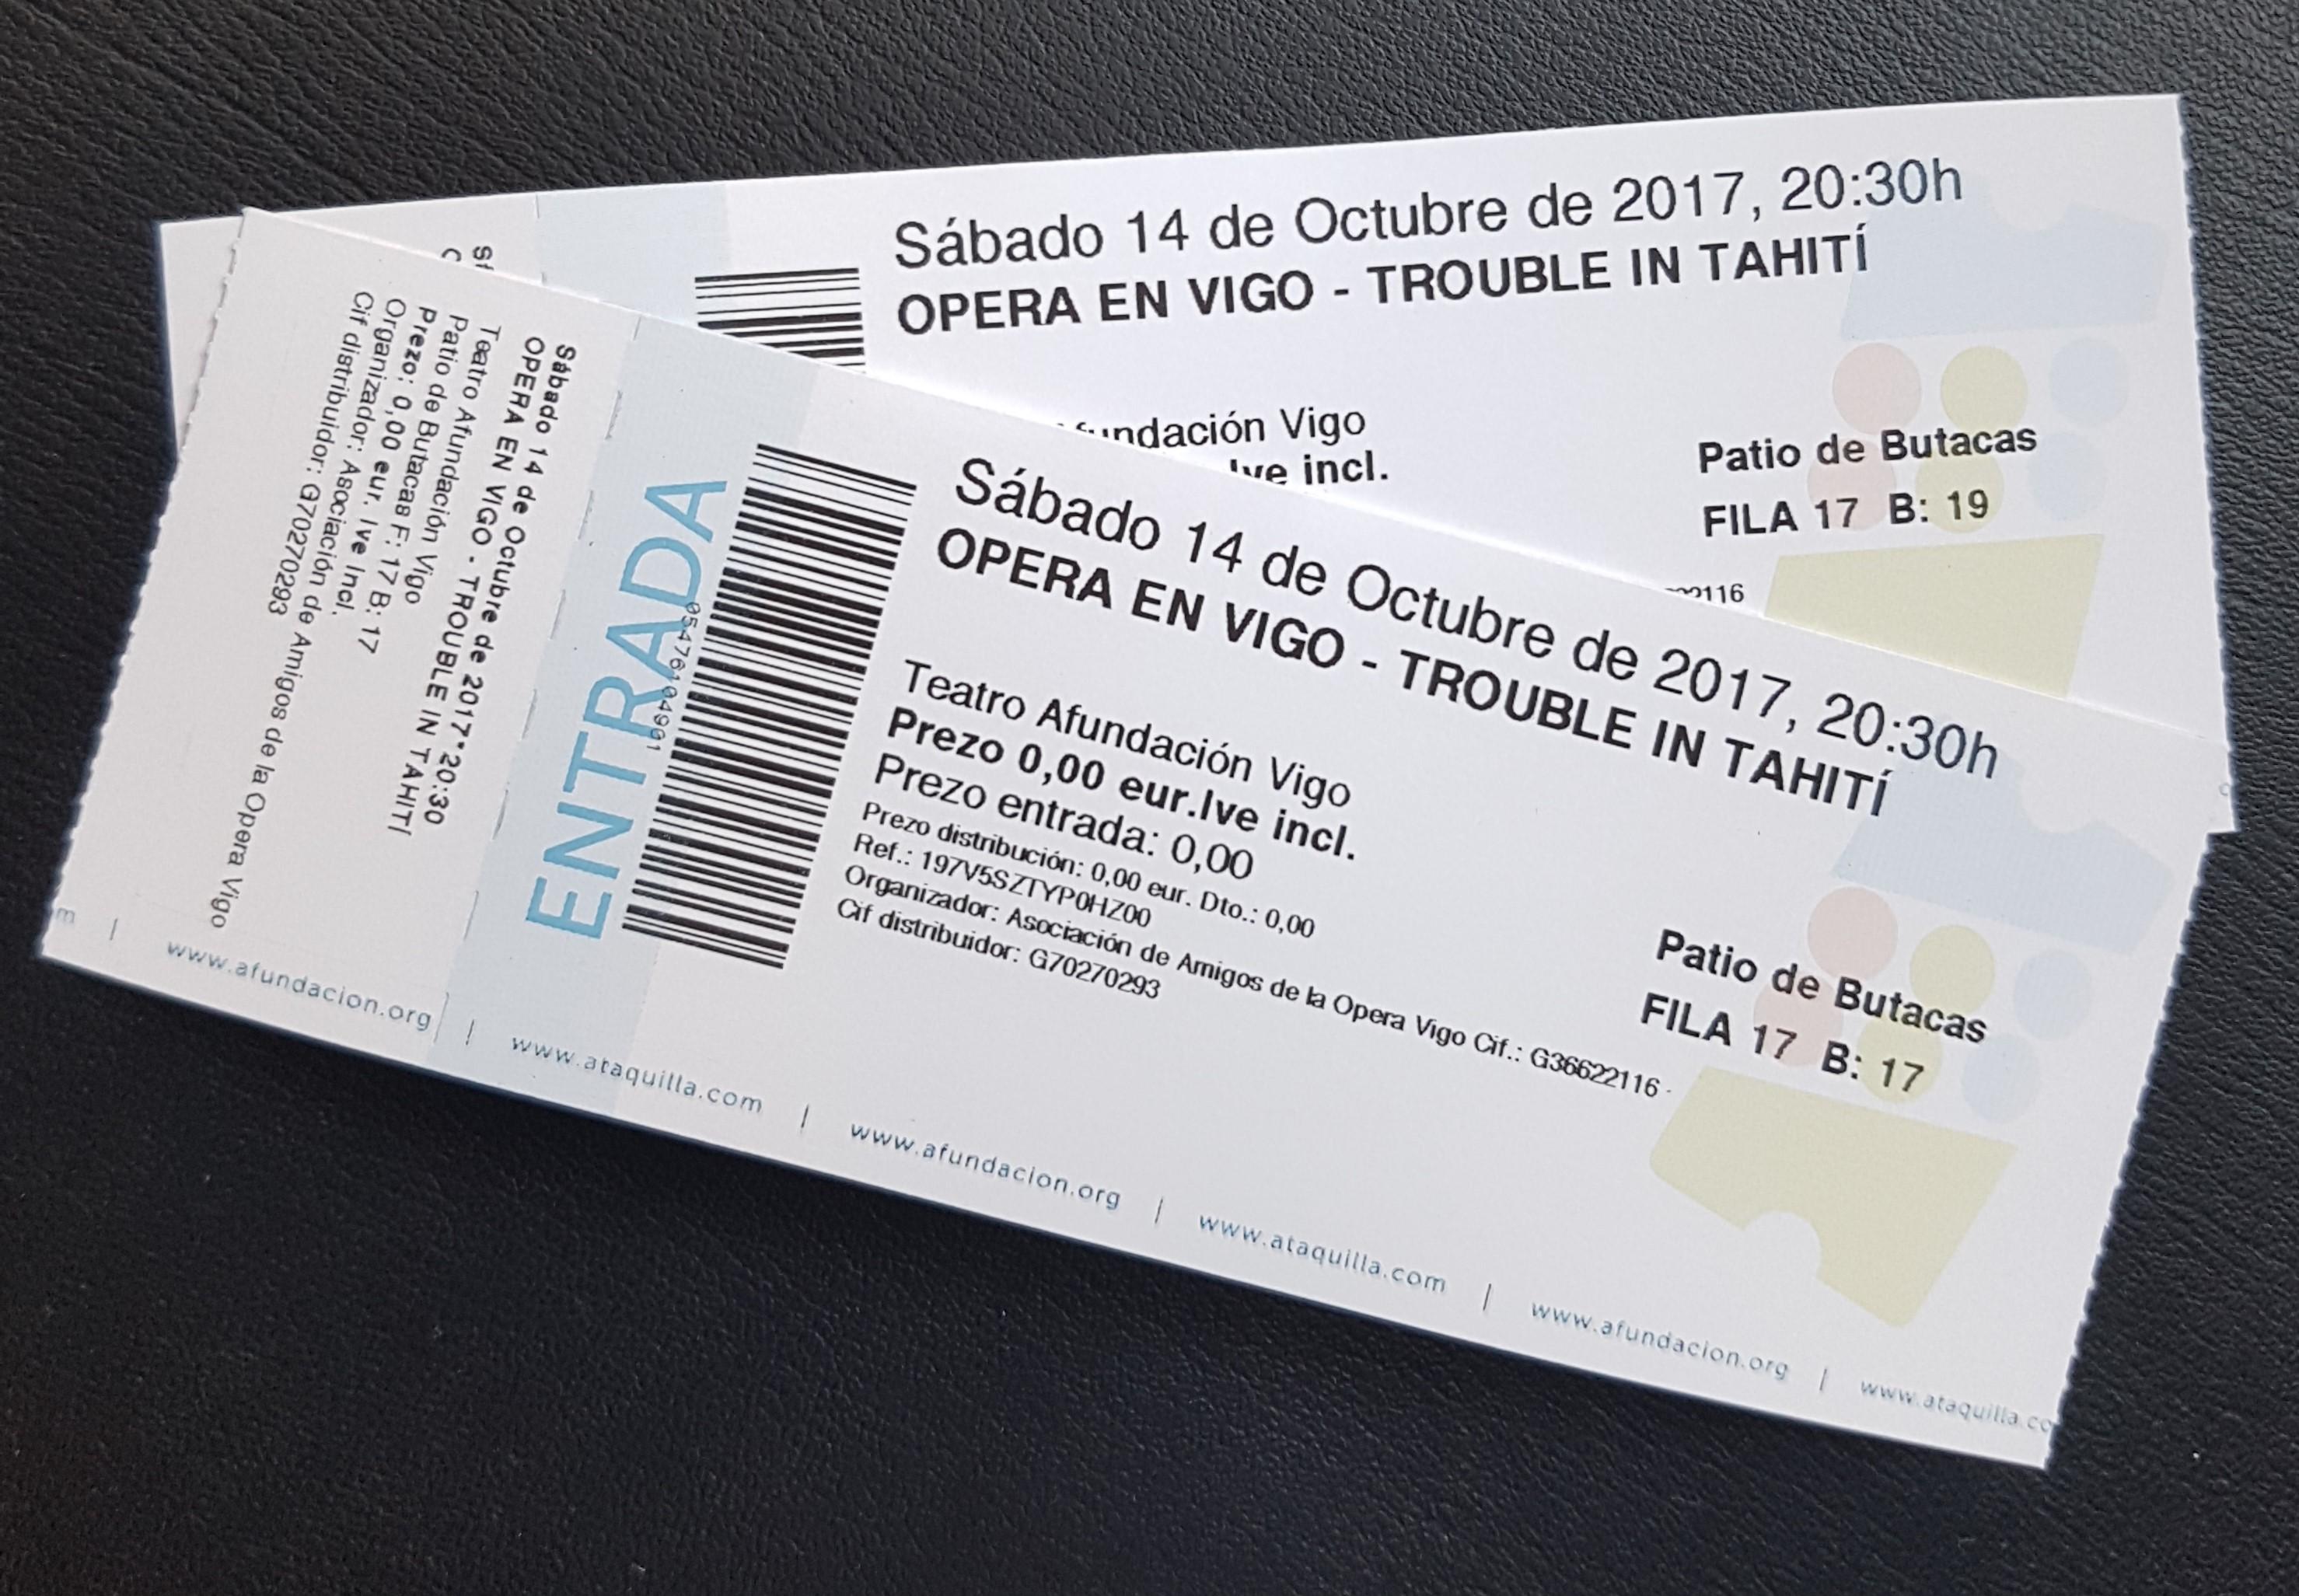 Concurso 2 entradas para Trouble in Tahiti